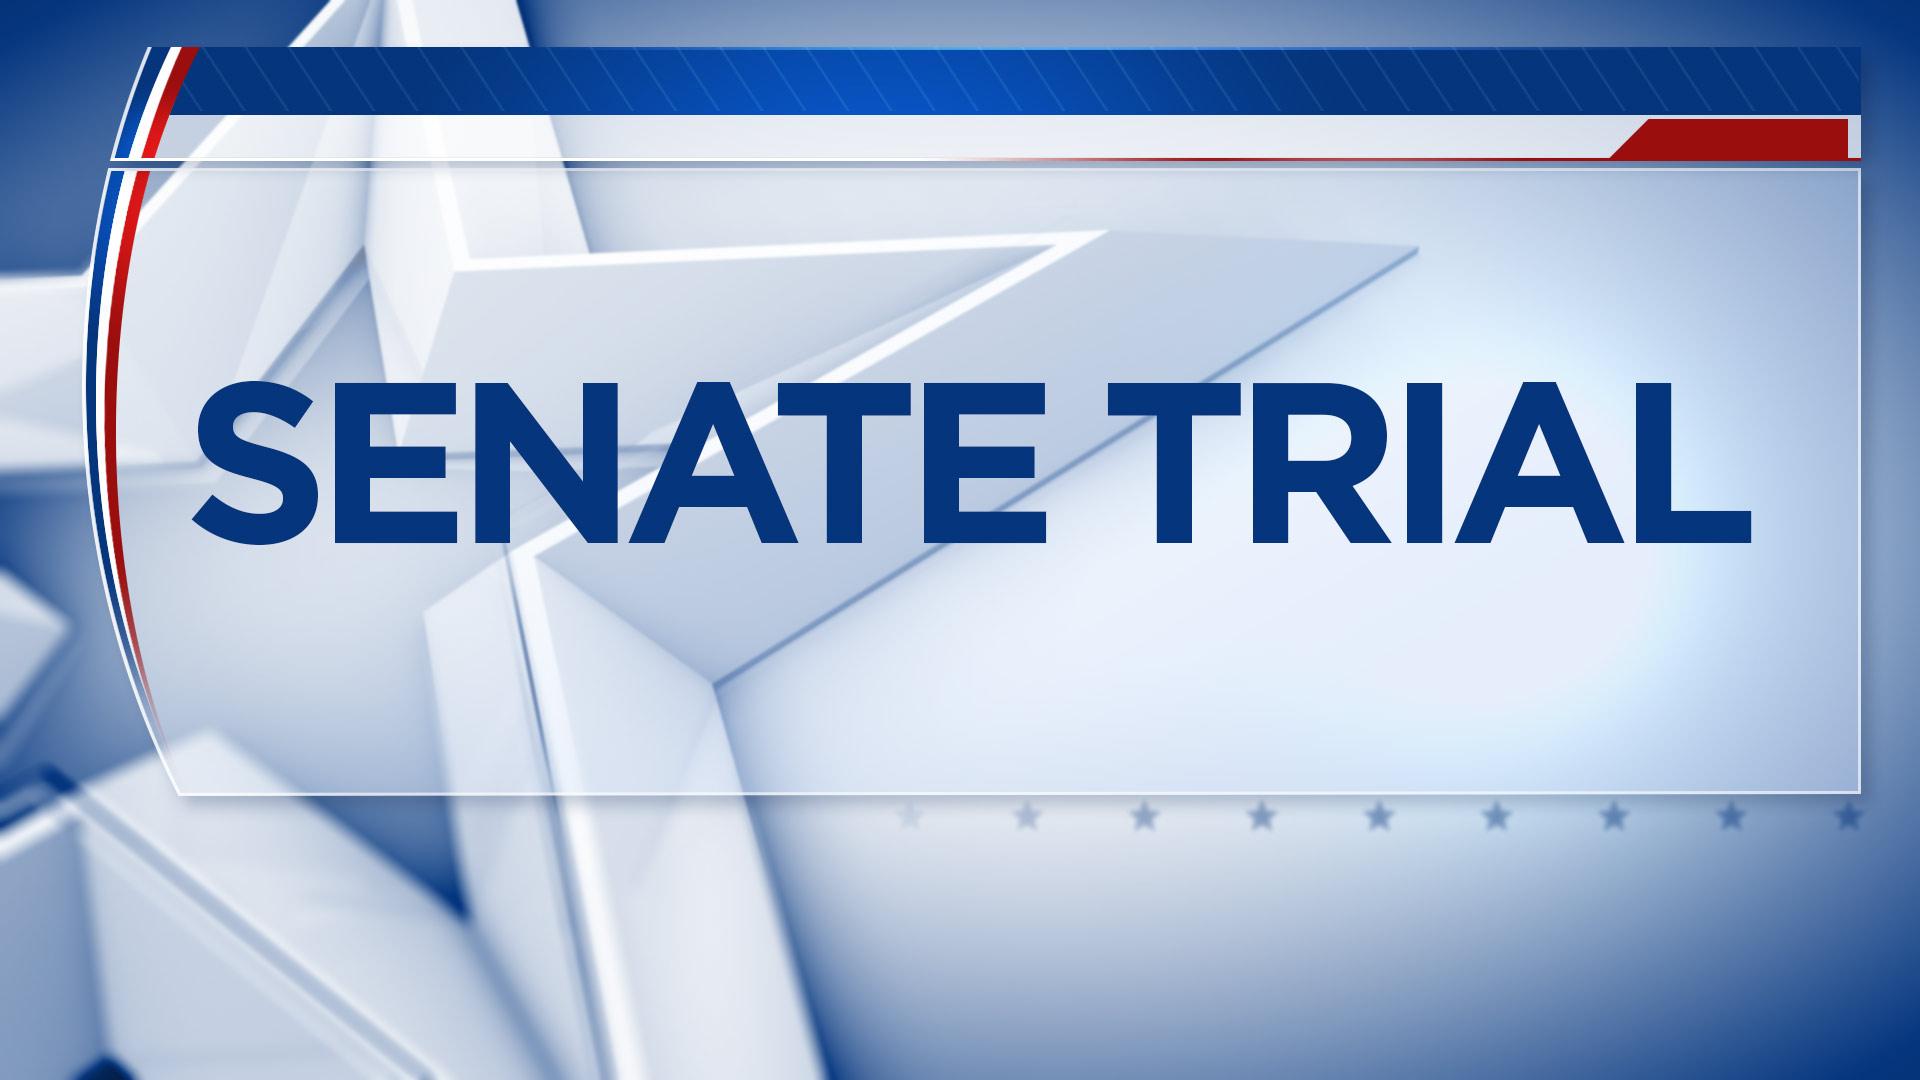 Trump impeachment trial: Senate to debate rules ...